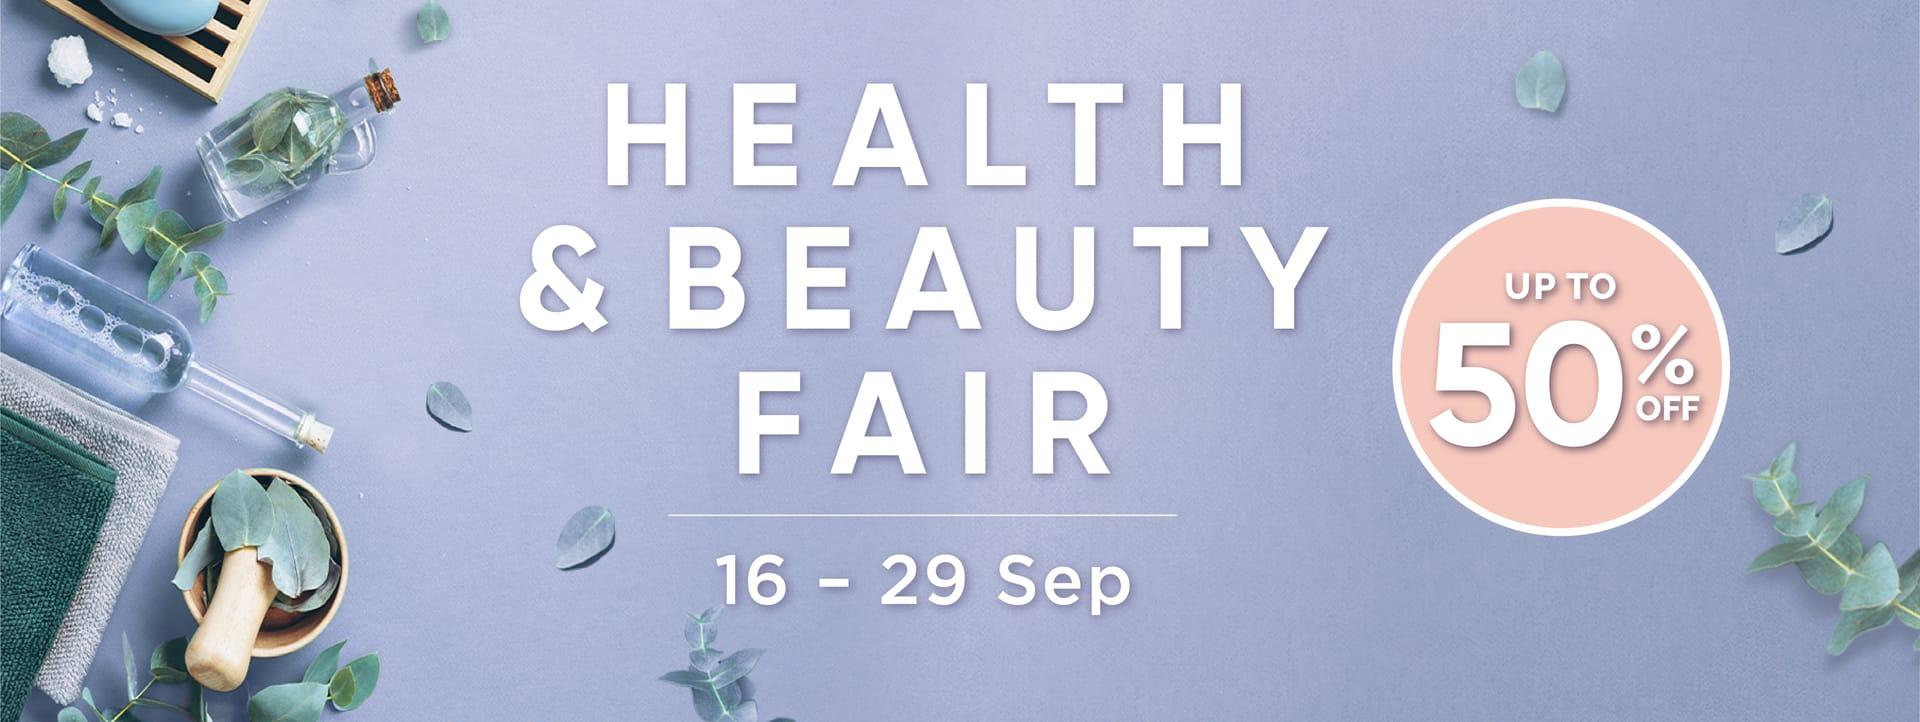 Health & Beauty Fair